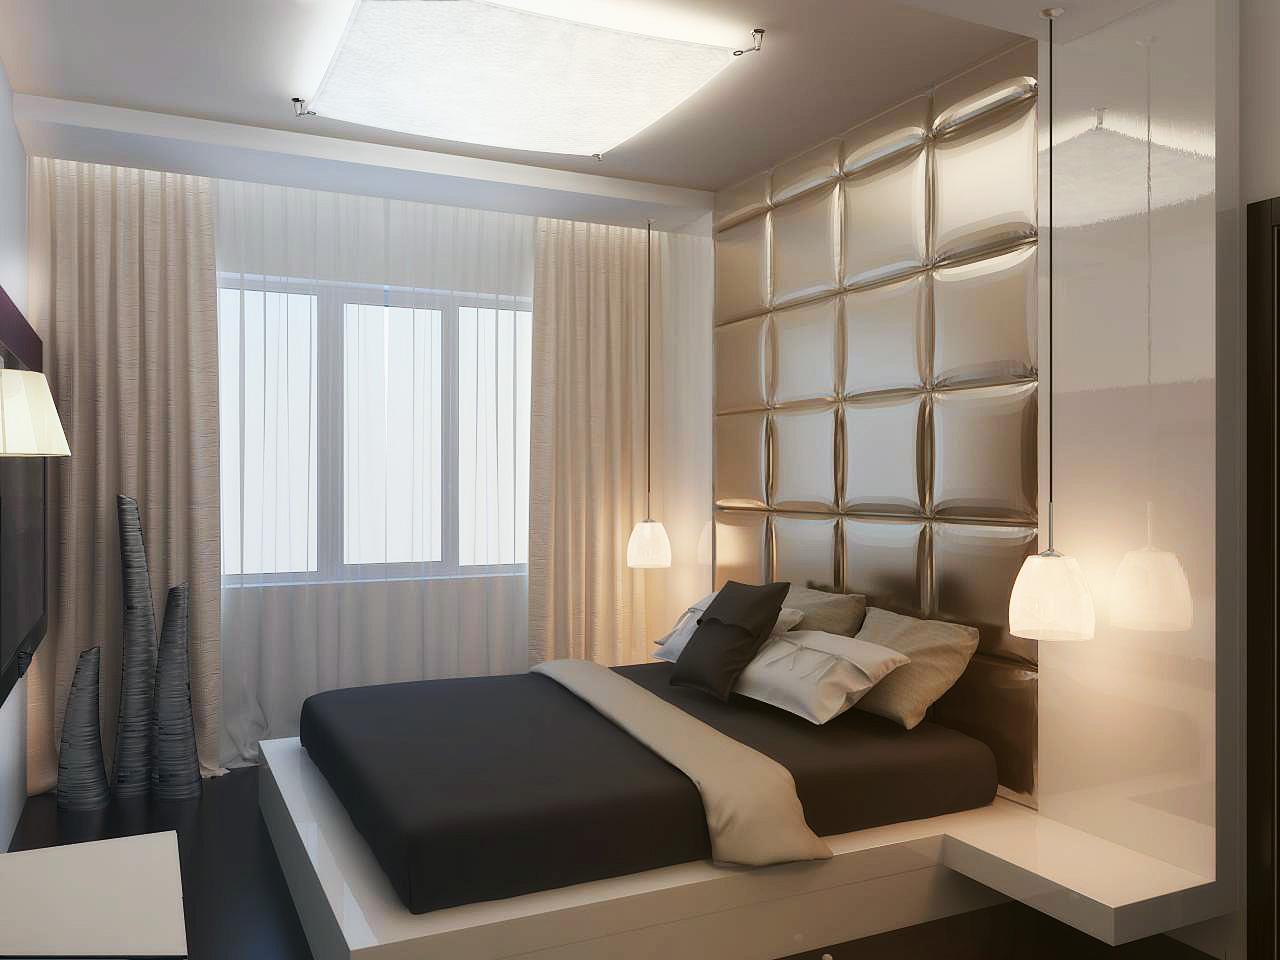 http://sam-sebe-dizainer.com/public/images/Современный дизайн спальни 2014, пример